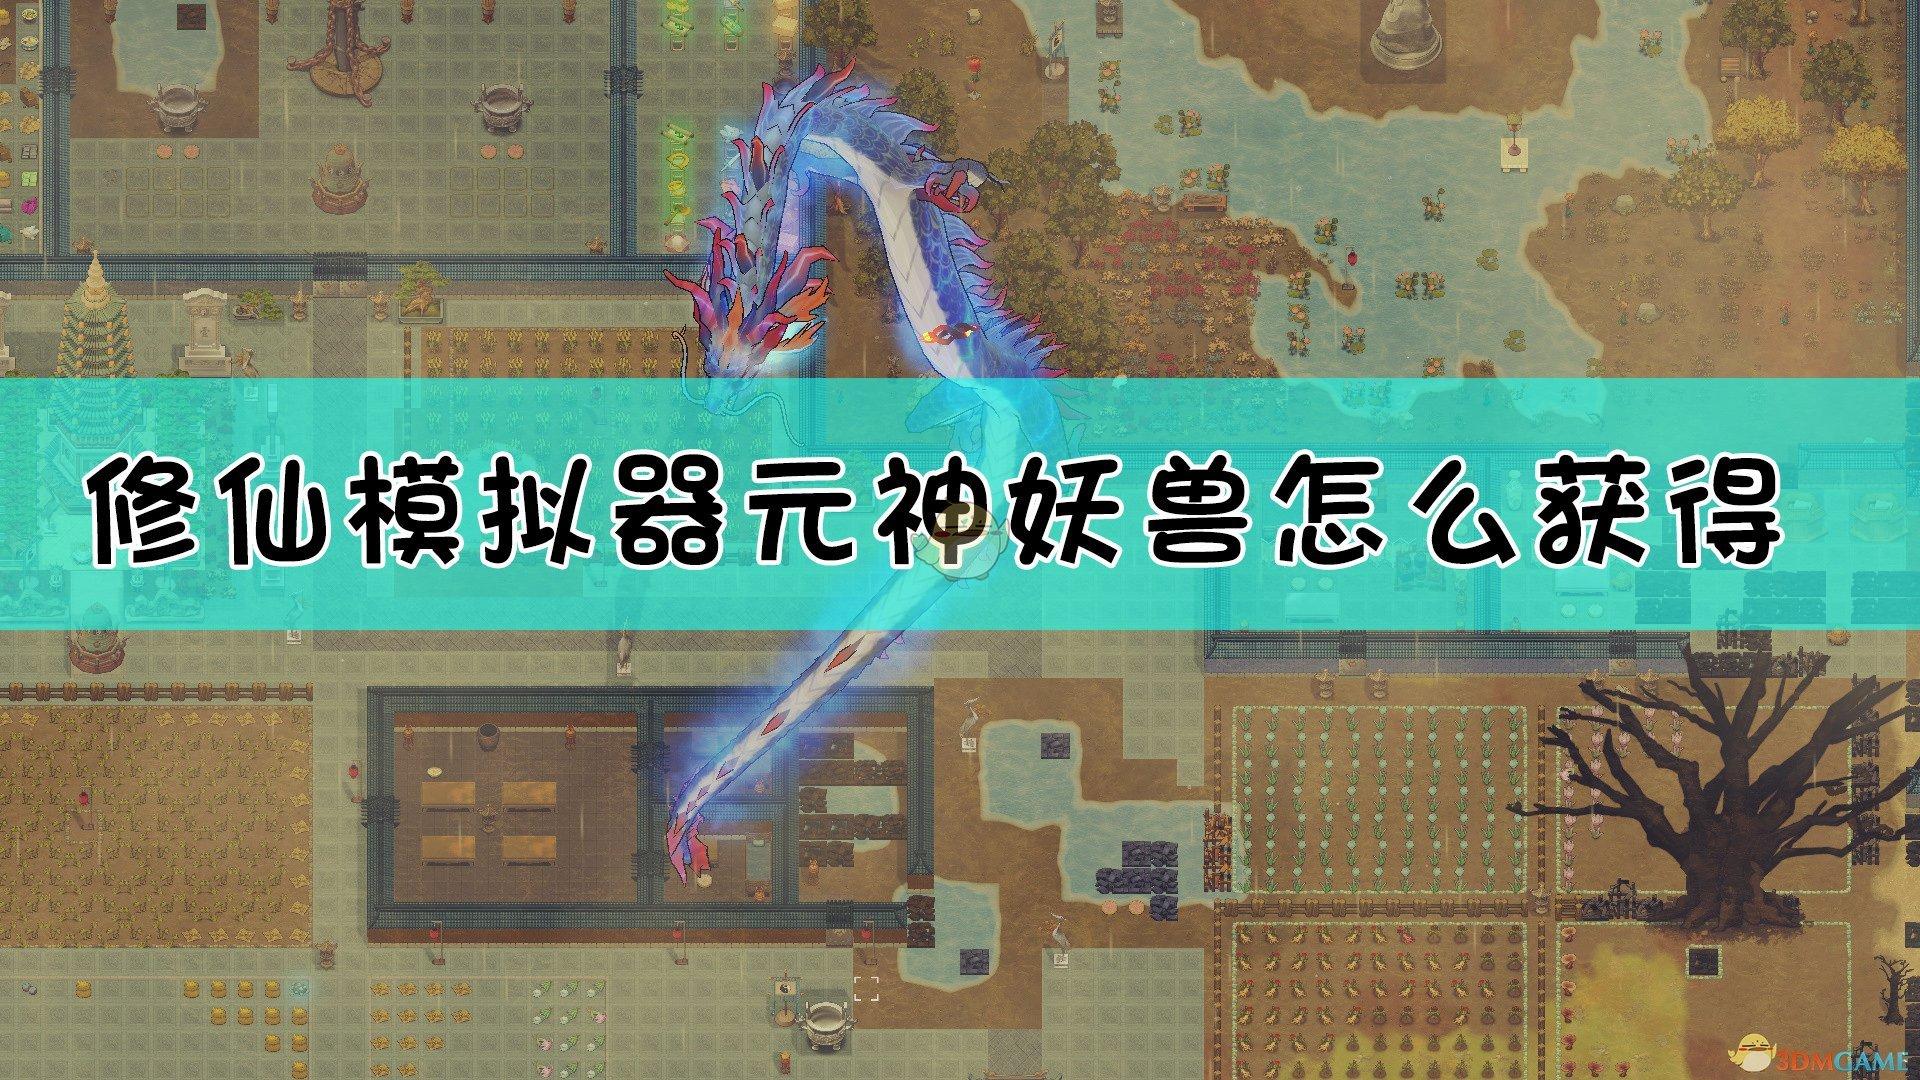 《了不起的修仙模拟器》元神妖兽获取方法介绍